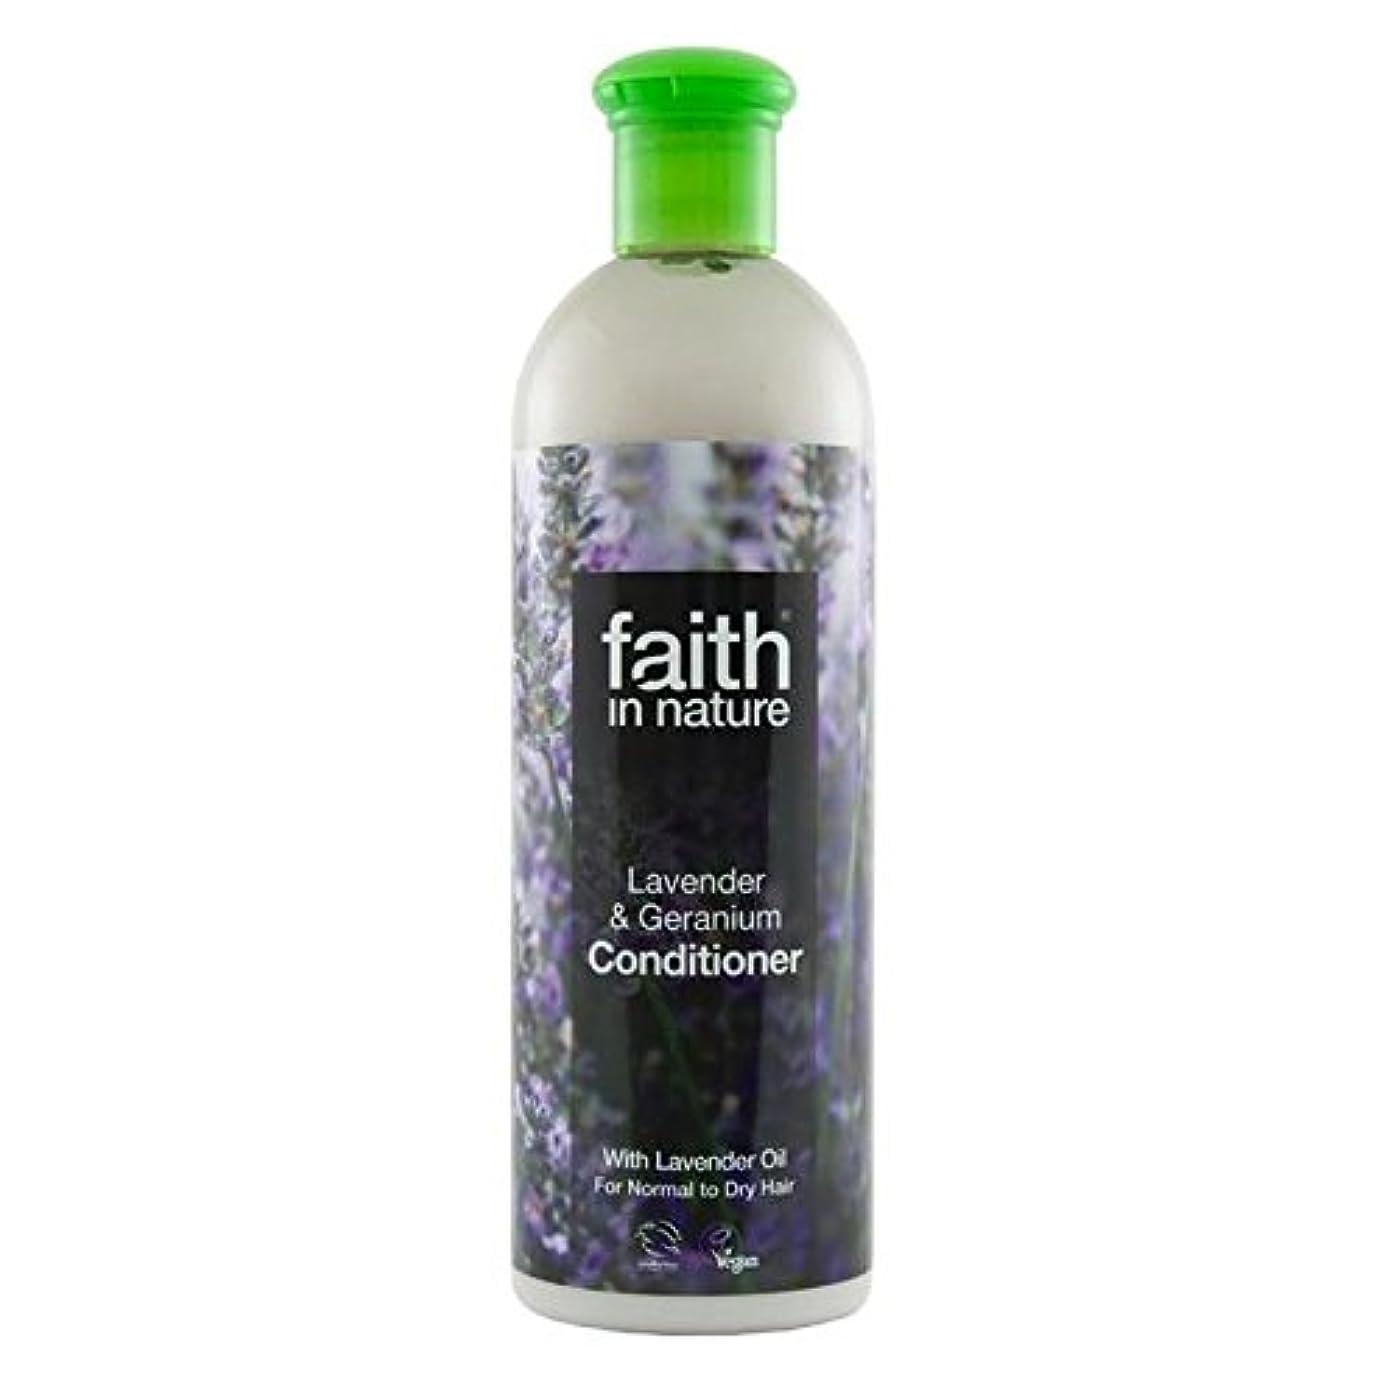 ブレイズ先例追い付くFaith in Nature Lavender & Geranium Conditioner 400ml (Pack of 4) - (Faith In Nature) 自然ラベンダー&ゼラニウムコンディショナー400...